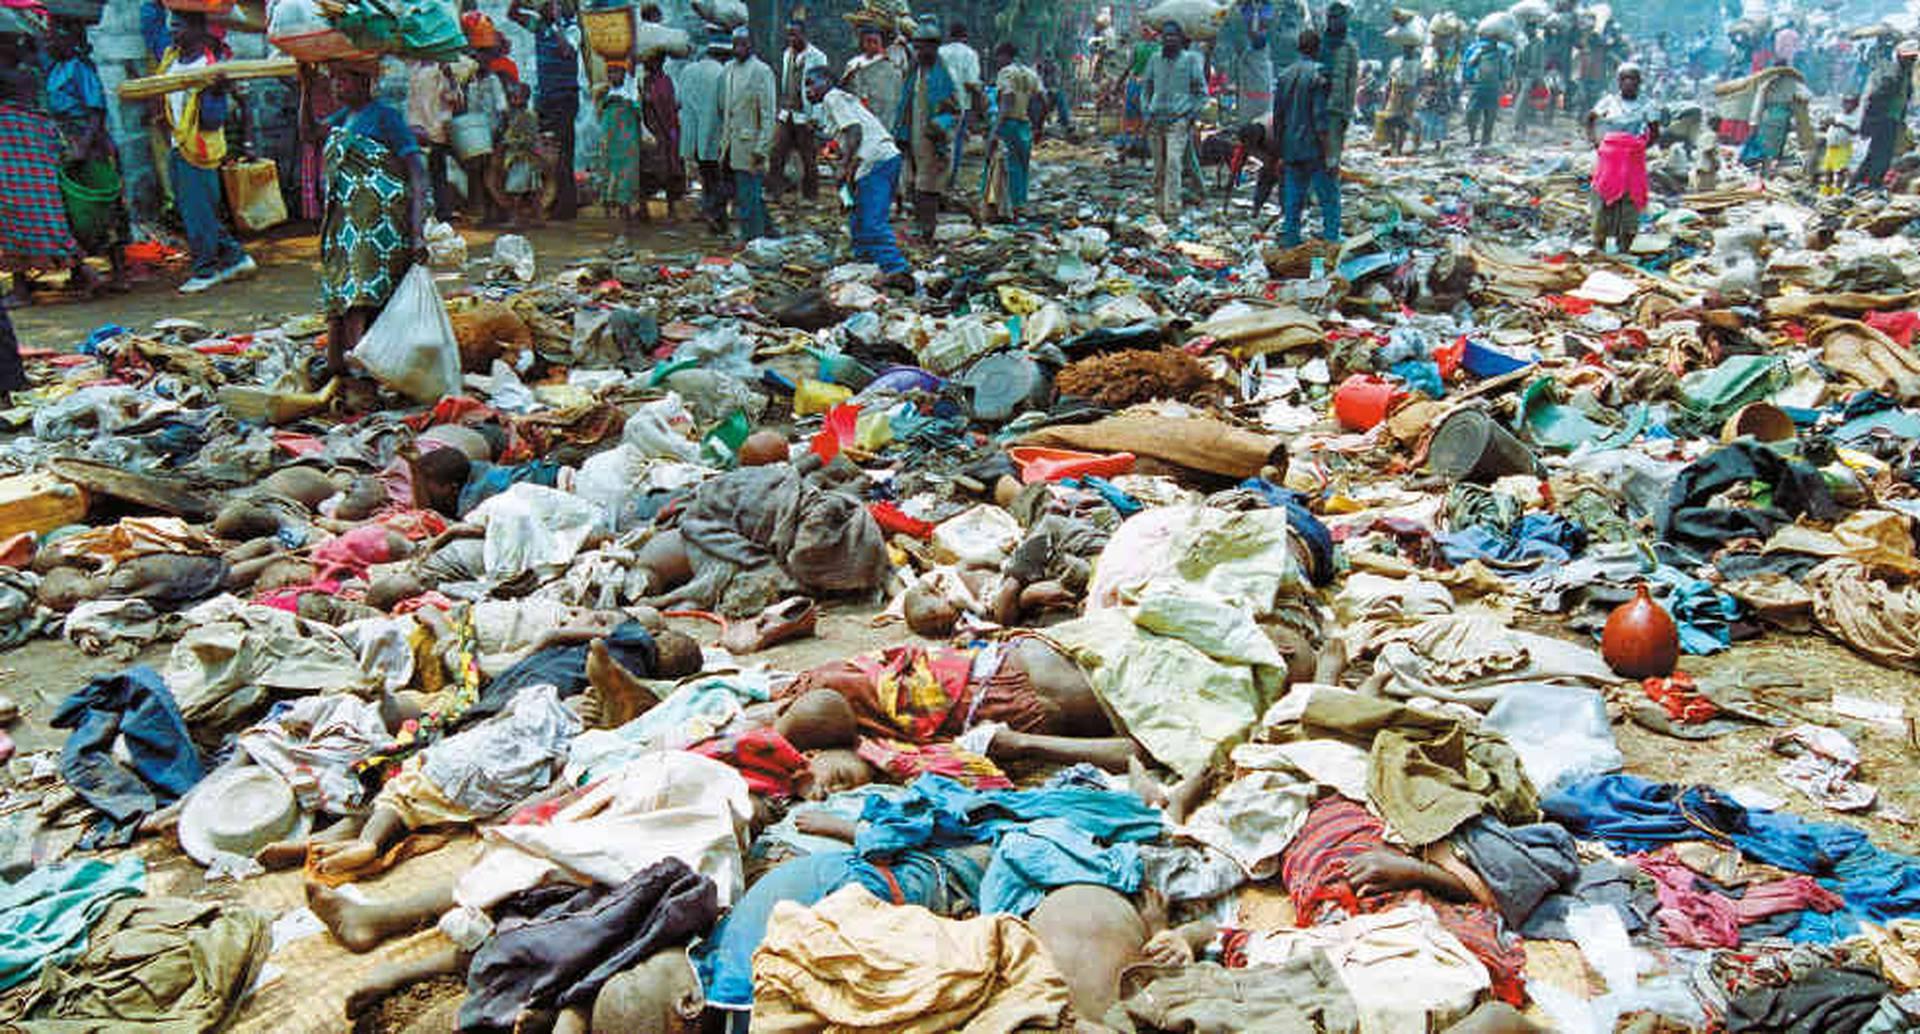 La detención de Kabuga podría ser un primer paso para descubrir las piezas que faltan en el rompecabezas de la masacre de miles de tutsis en Ruanda.